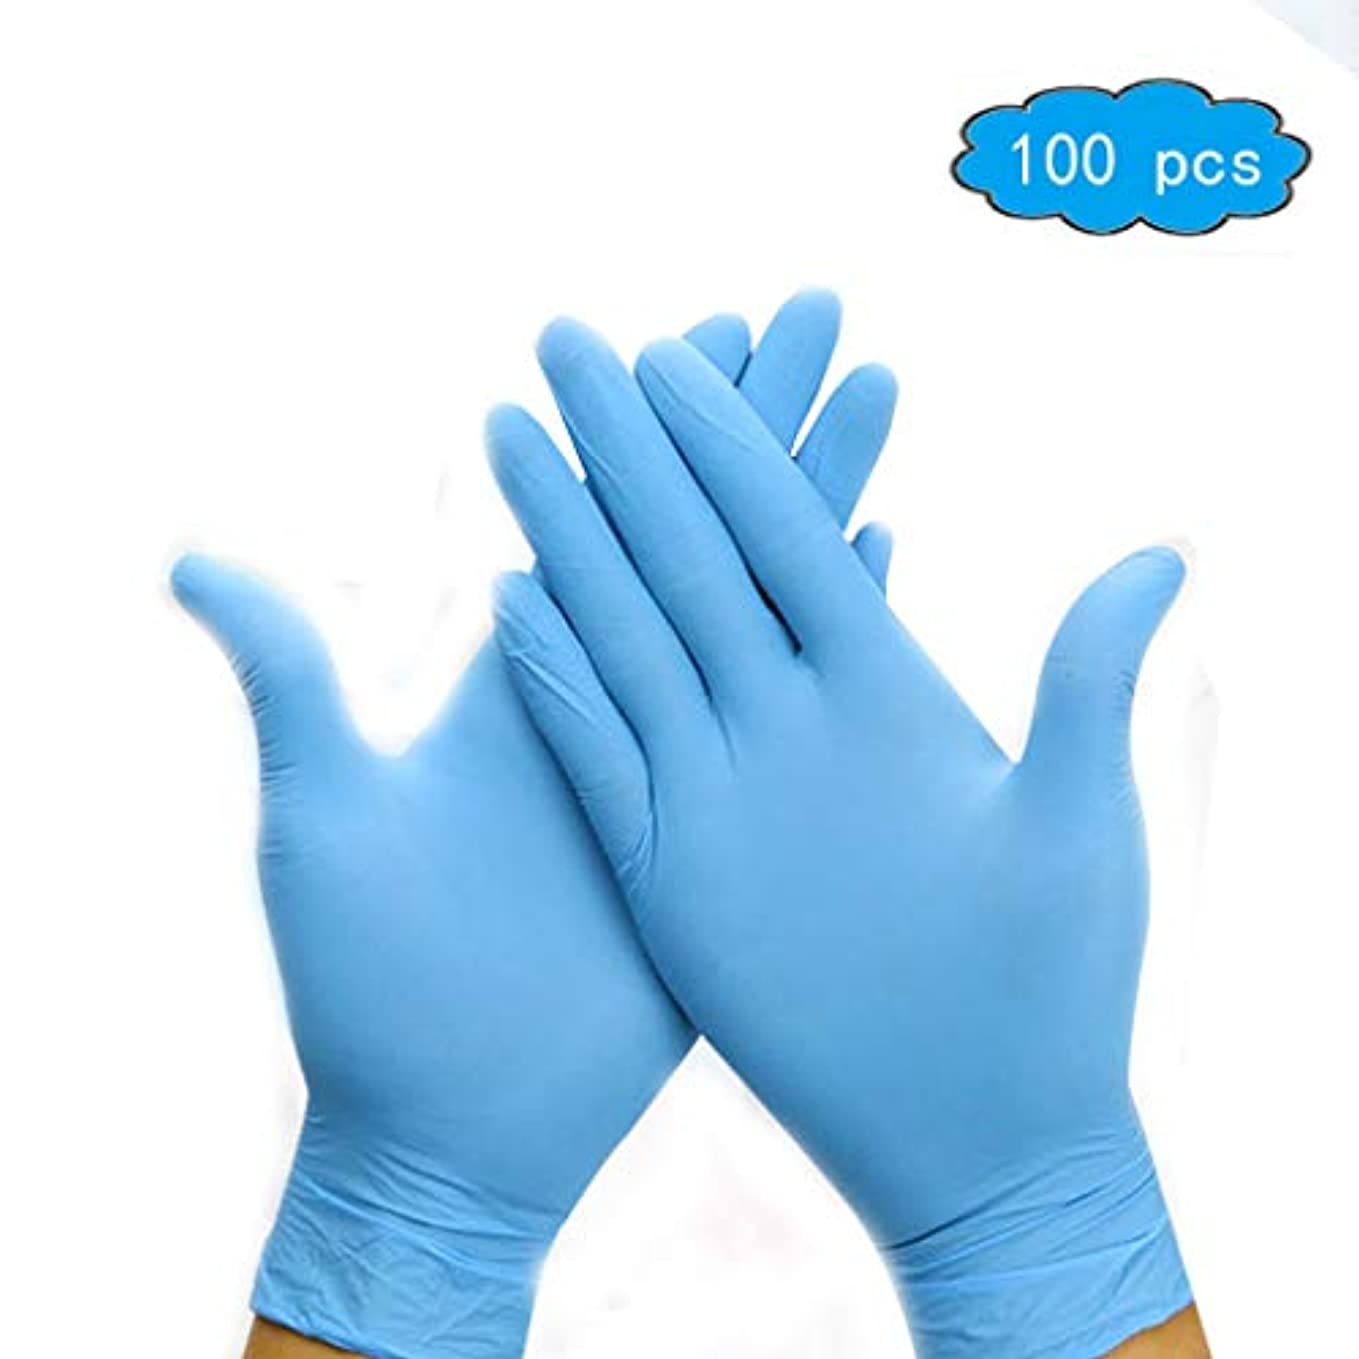 効率的に薬理学盆使い捨てニトリル手袋 - パウダーフリー、ラテックスフリー、メディカル試験グレード、無菌、Ambidextrous - テクスチャード加工のソフト - クールブルー(中、1パック、100カウント)、手?腕の保護 (Color...